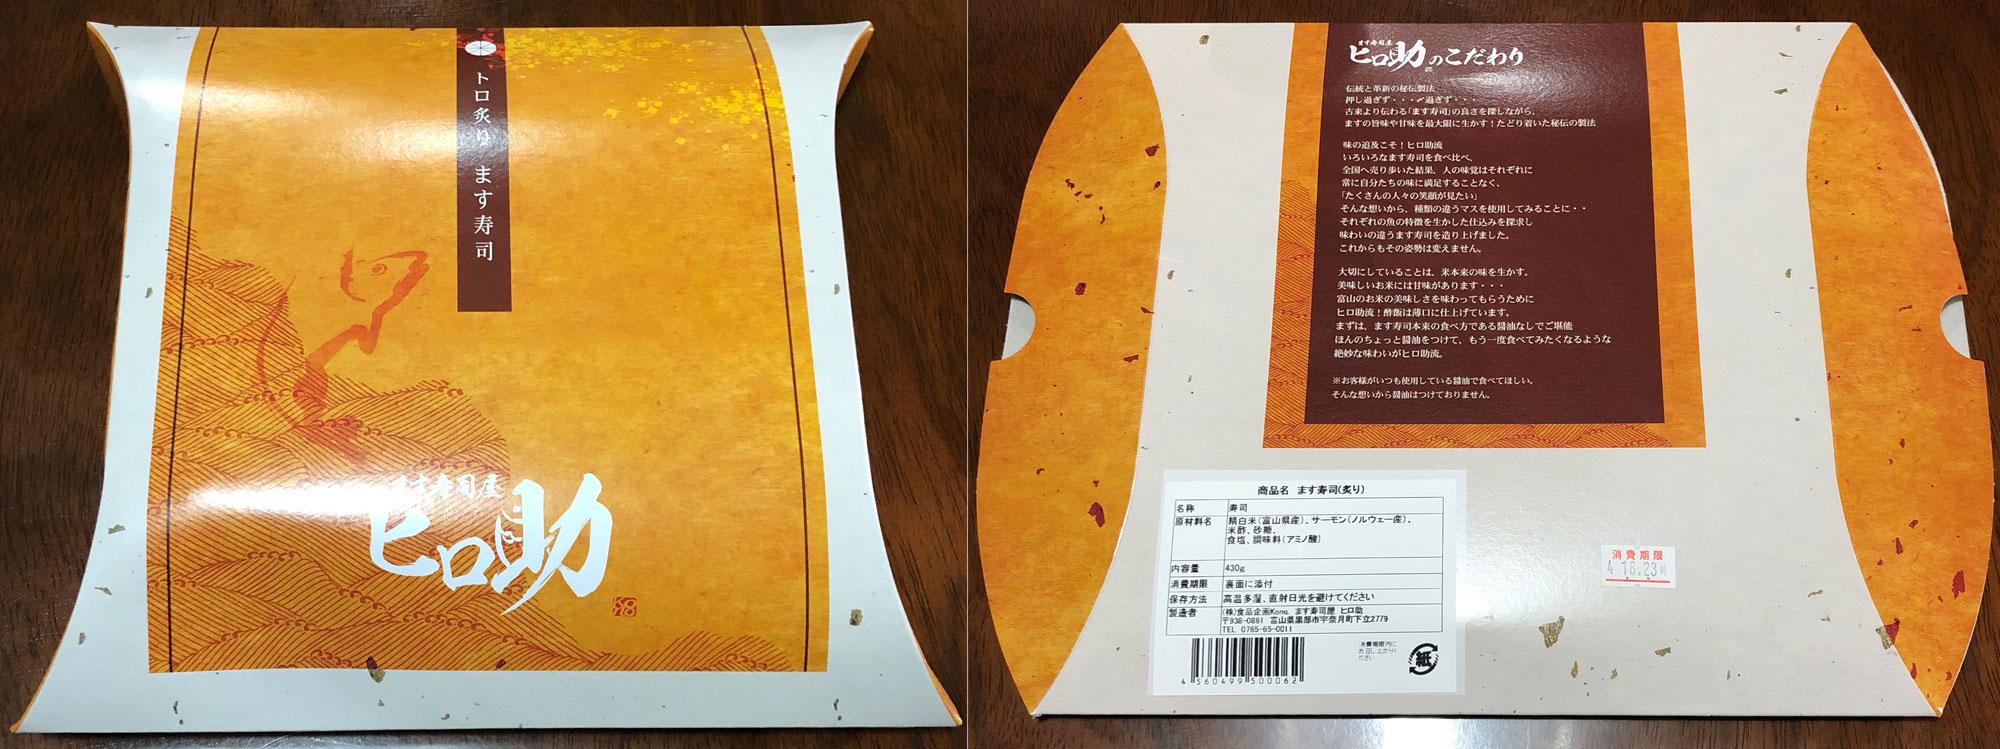 楽天市場、寿司ランキング週間1位の鱒寿司ヒロ助のトロ炙り鱒寿司のパッケージ